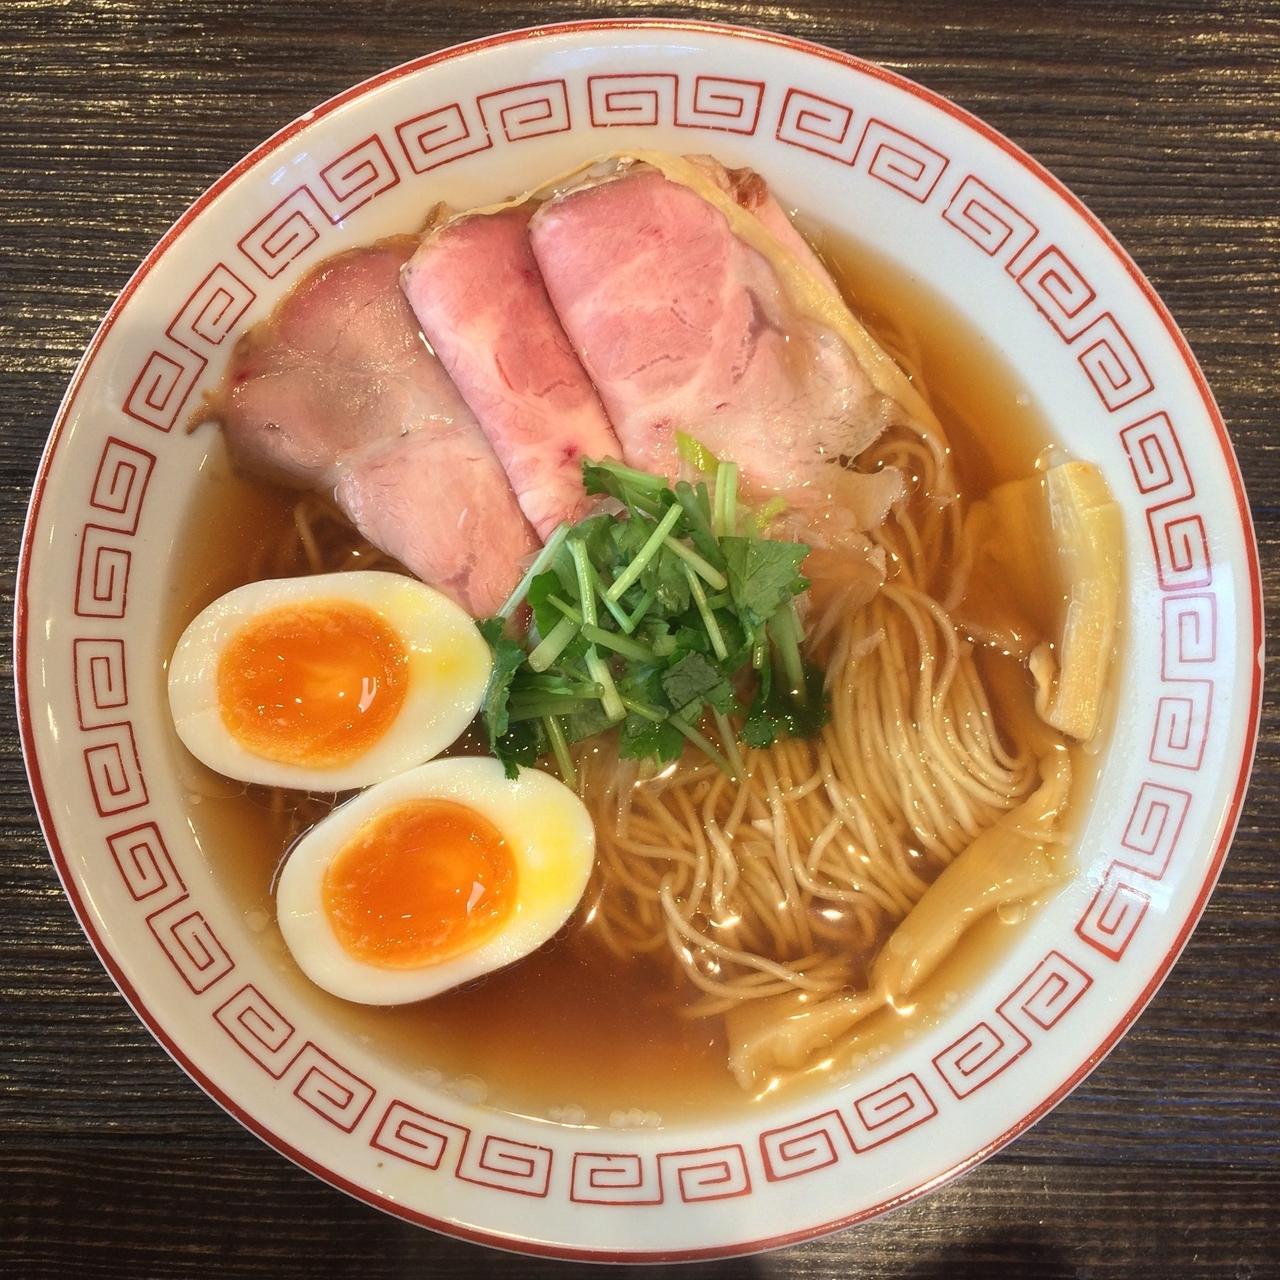 【三鷹駅】ほっとする味!?魚介の香り漂う縮れ麺が身に沁みる!ほっこりするラーメン店4選